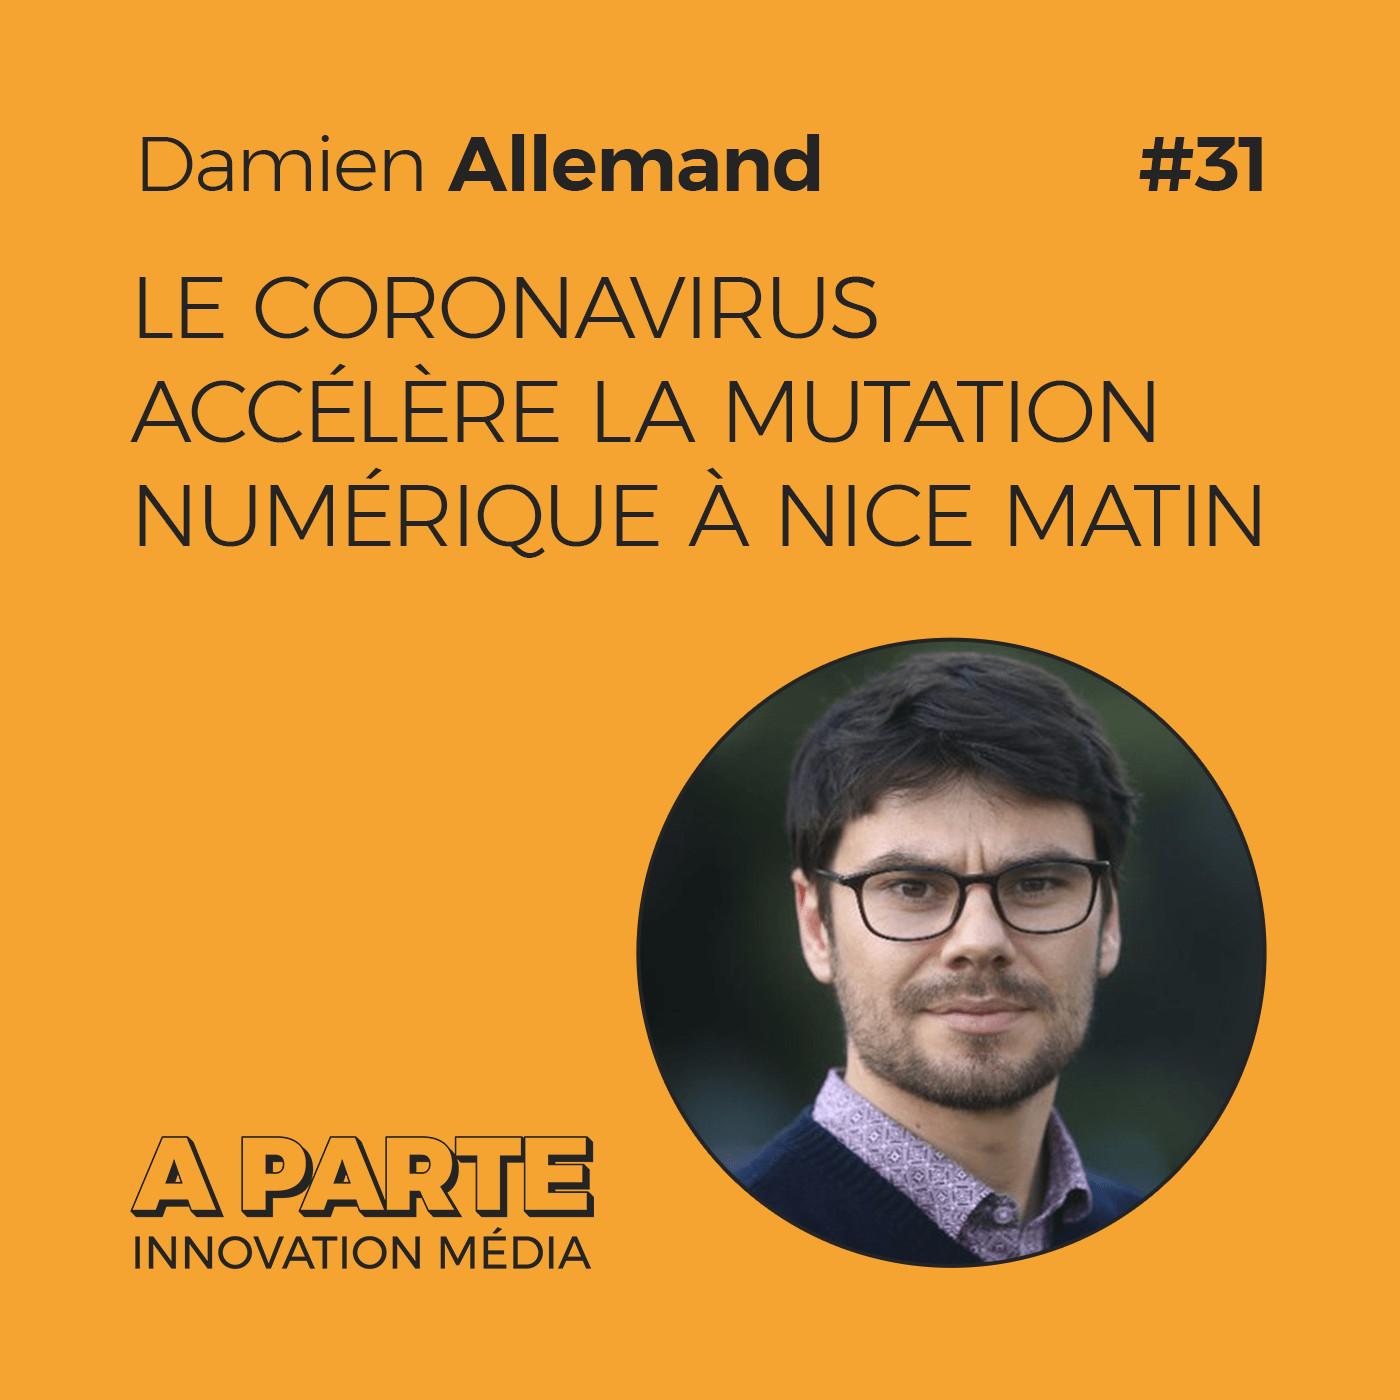 Le coronavirus accélère la mutation numérique à Nice Matin, avec Damien Allemand